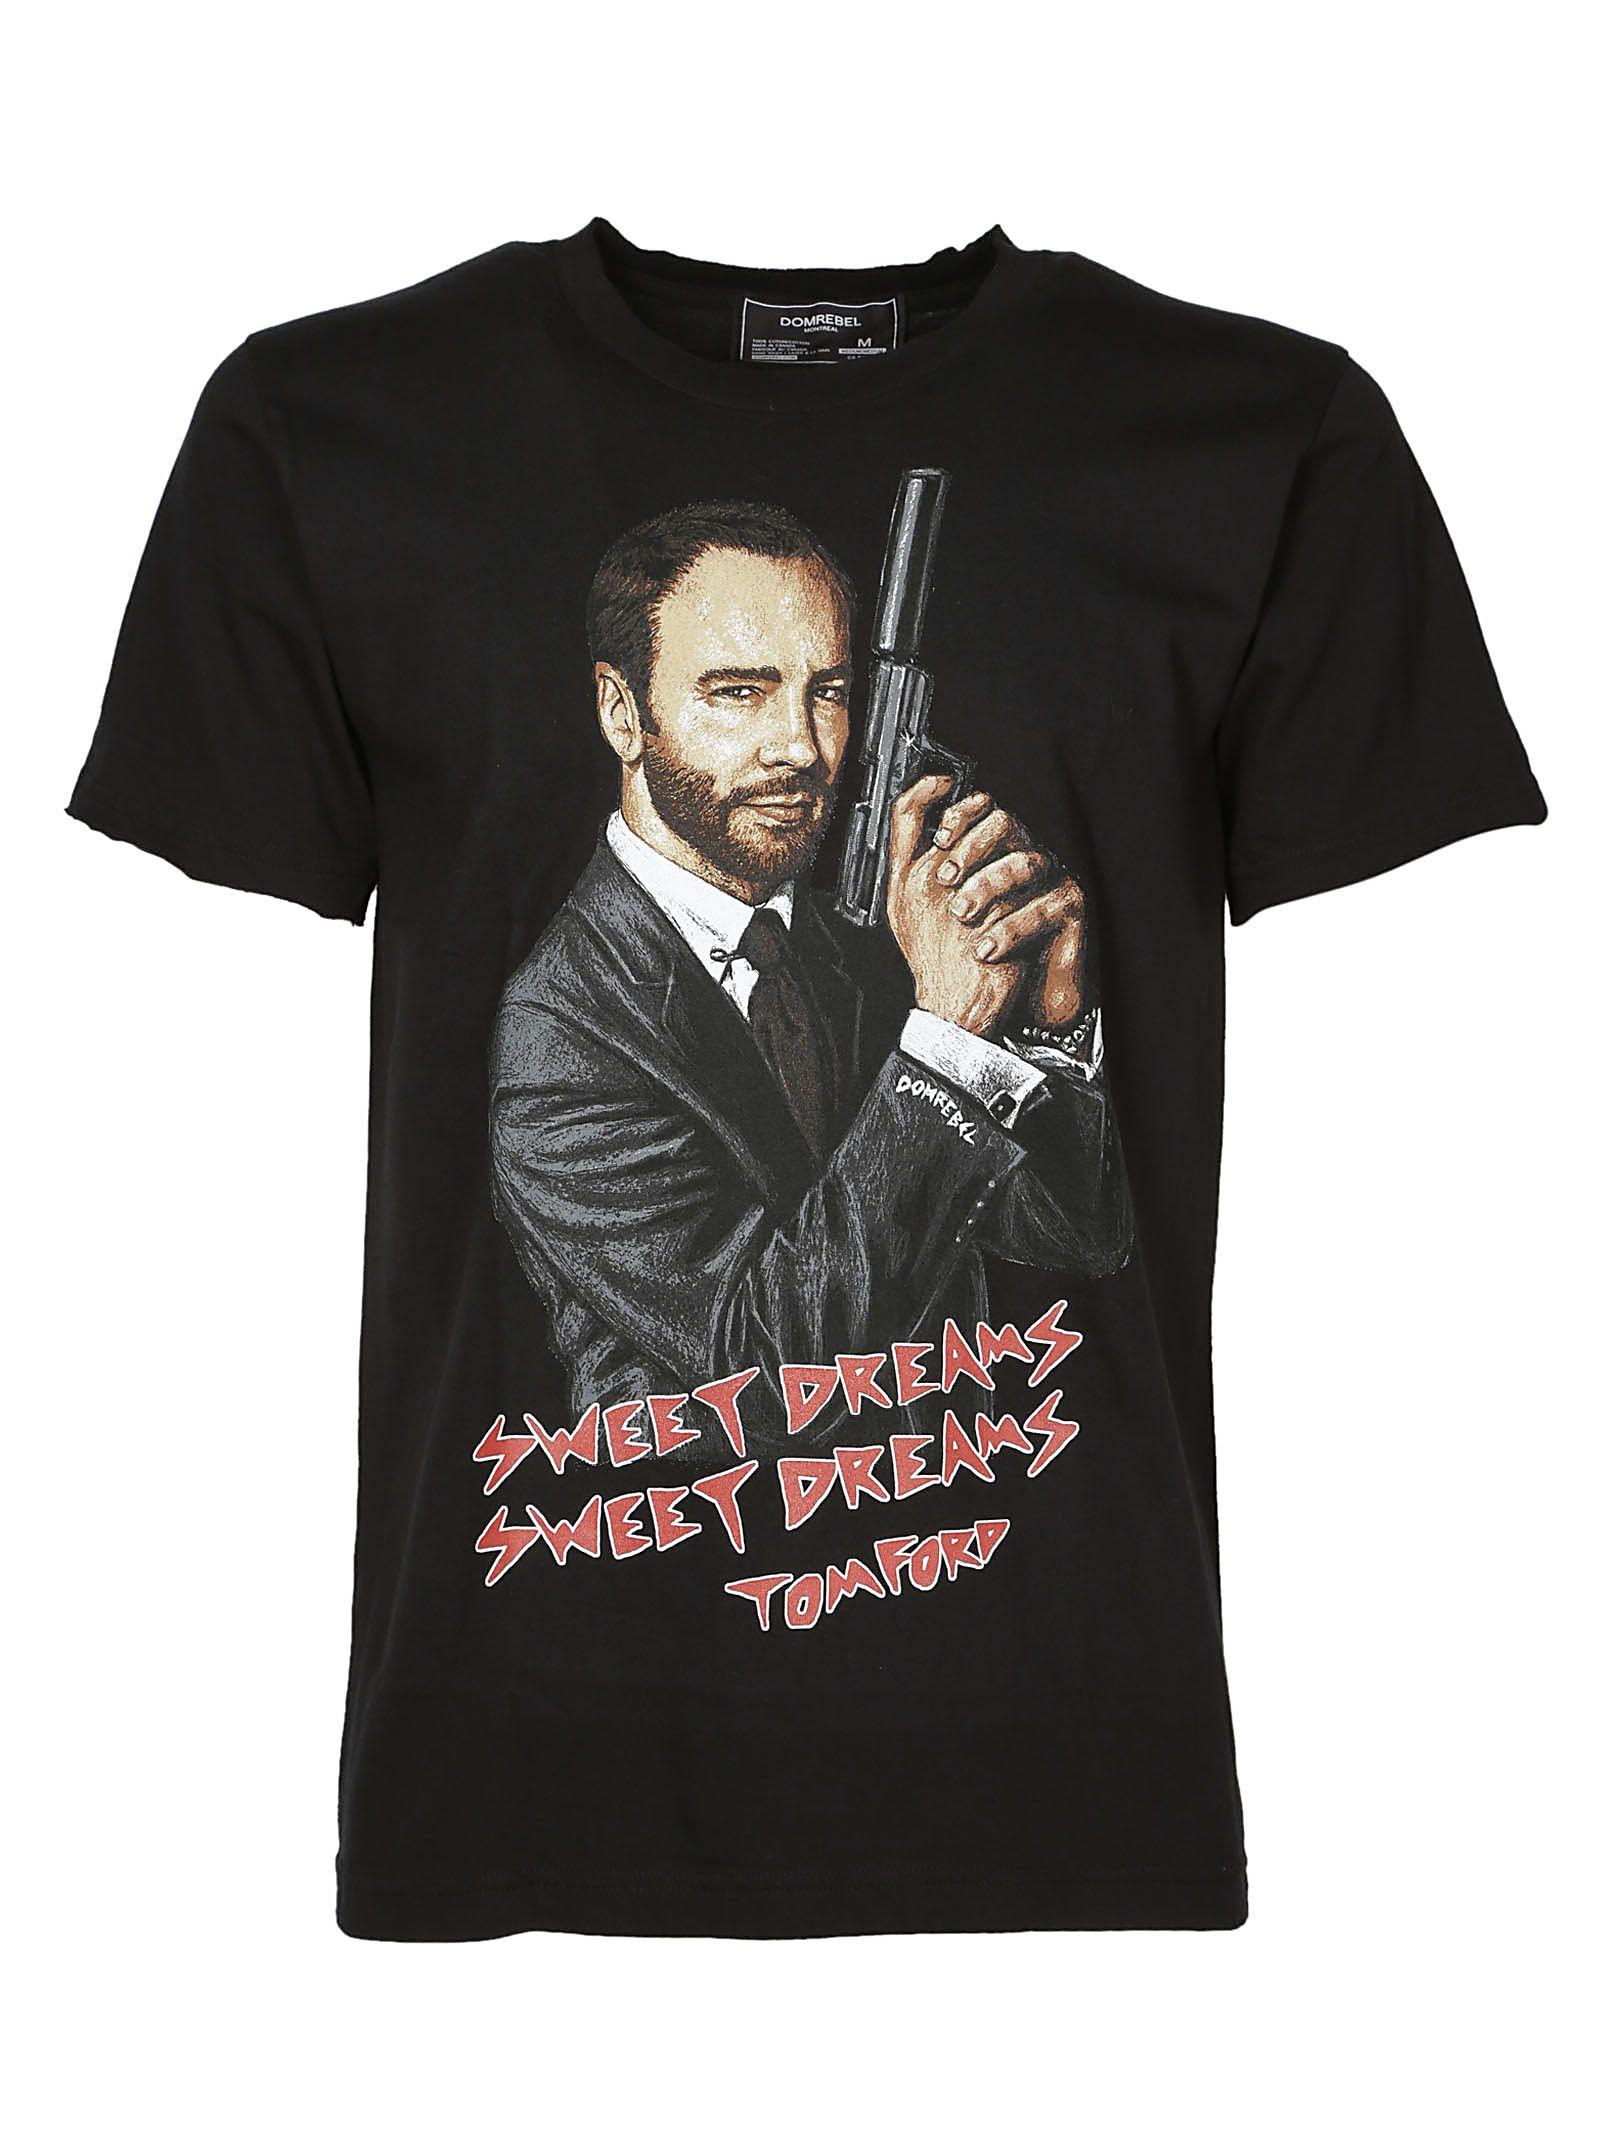 Domrebel Sweet Dreams T-shirt